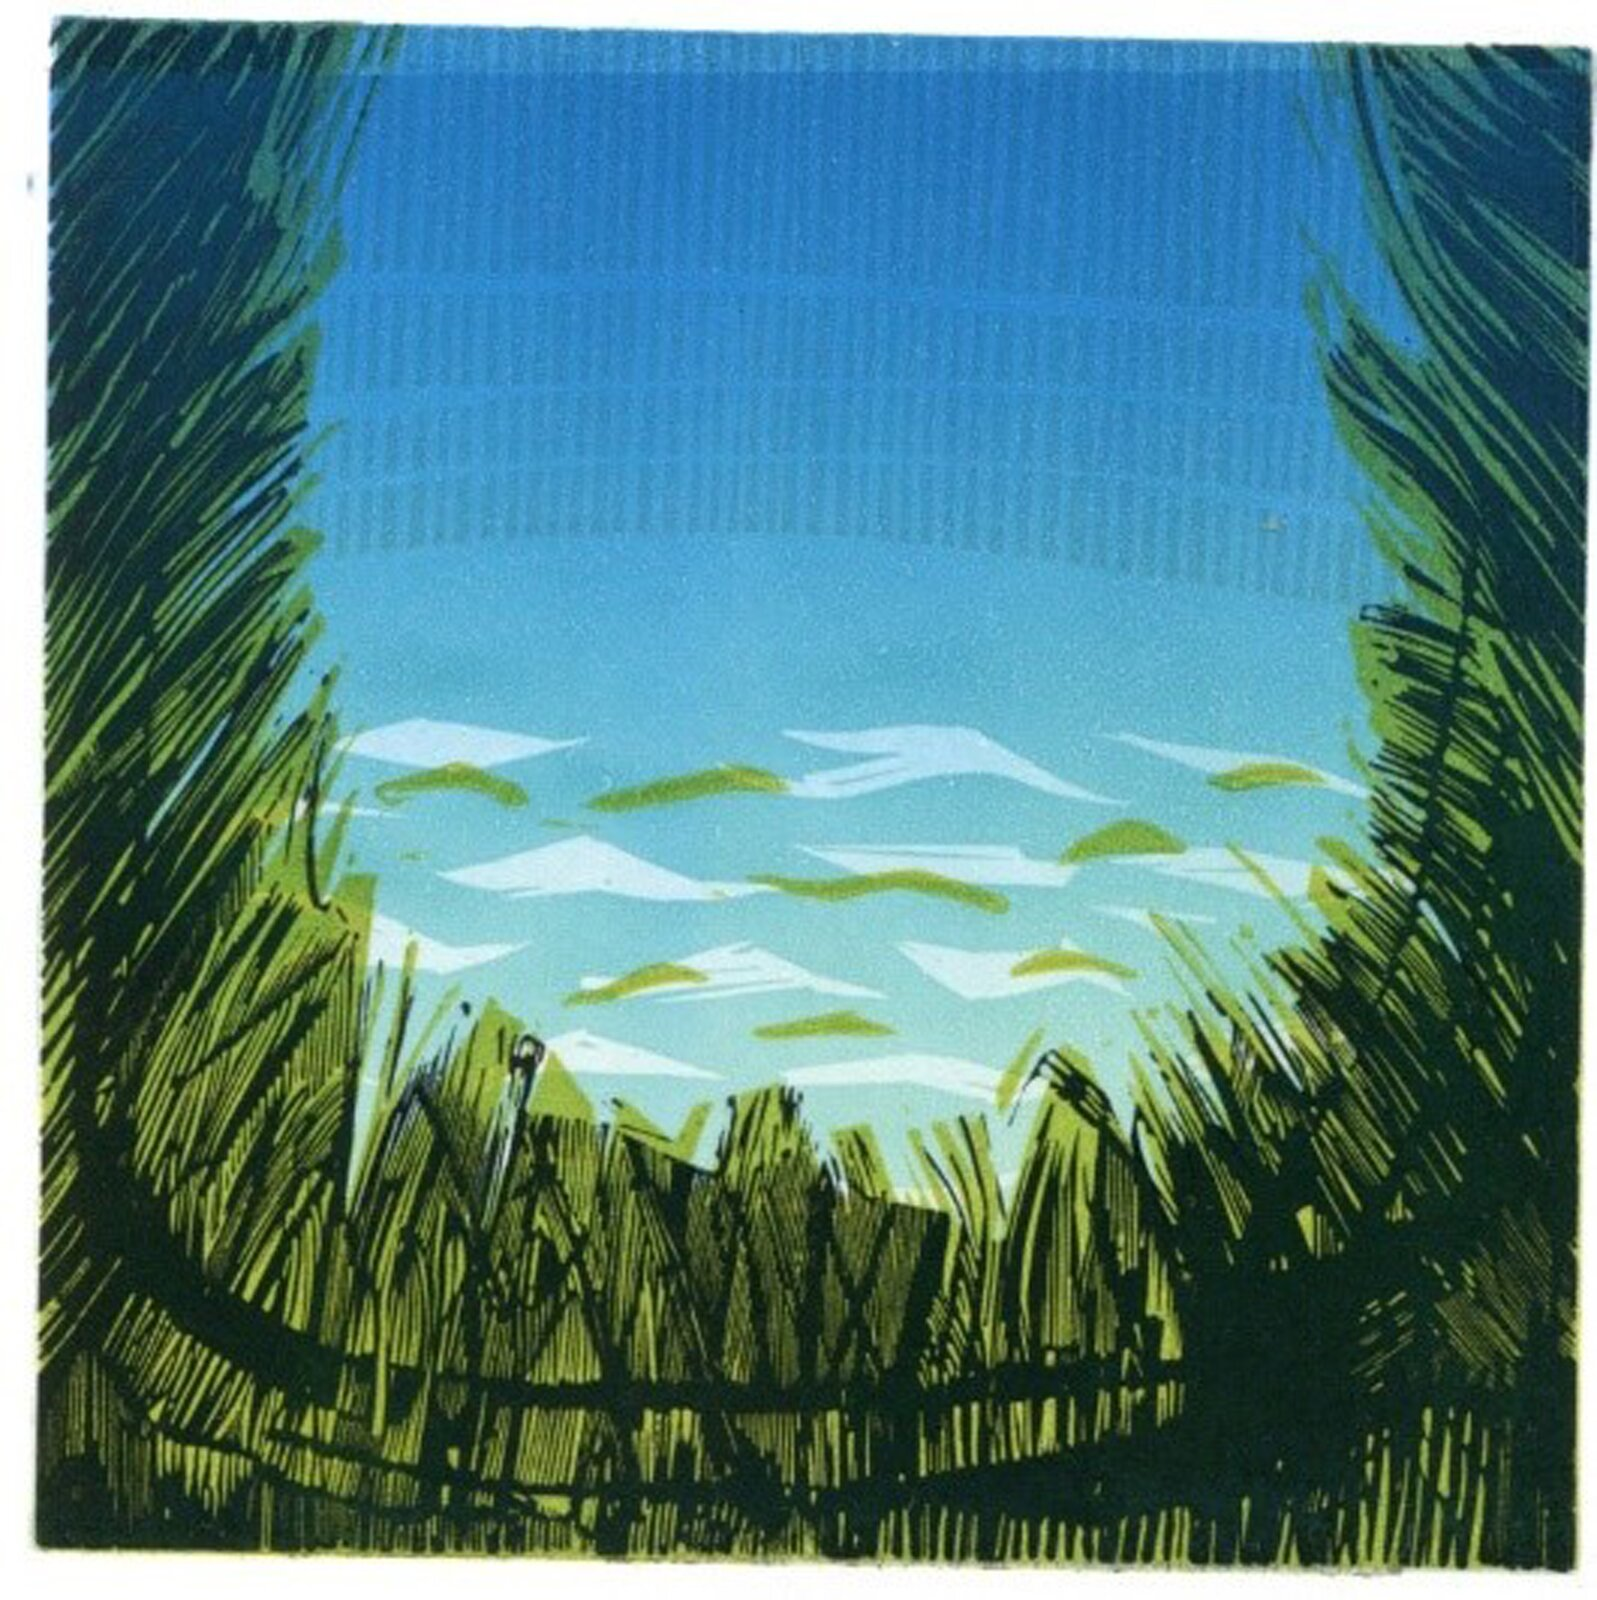 """Ilustracja przedstawia linoryt """"Pulau Pangkor"""" Michała Rygielskiego. Jest pejzażem, ujętym wkształcie litery U, którą wdolnej części ipo bokach wypełniają wysokie trawy. Na zielony podkład zostały naniesione nieregularne czarne linie, skierowane wróżnych kierunkach. Przestrzeń środkową wypełnia niebieskie tło zpoziomymi plamami wkolorze transparentnej bieli izieleni wdolnej części oraz pionowych, delikatnych, niebieskich kresek wgórnej. Dolna część przestrzeni przypomina fale na wodzie, górna - niebo."""